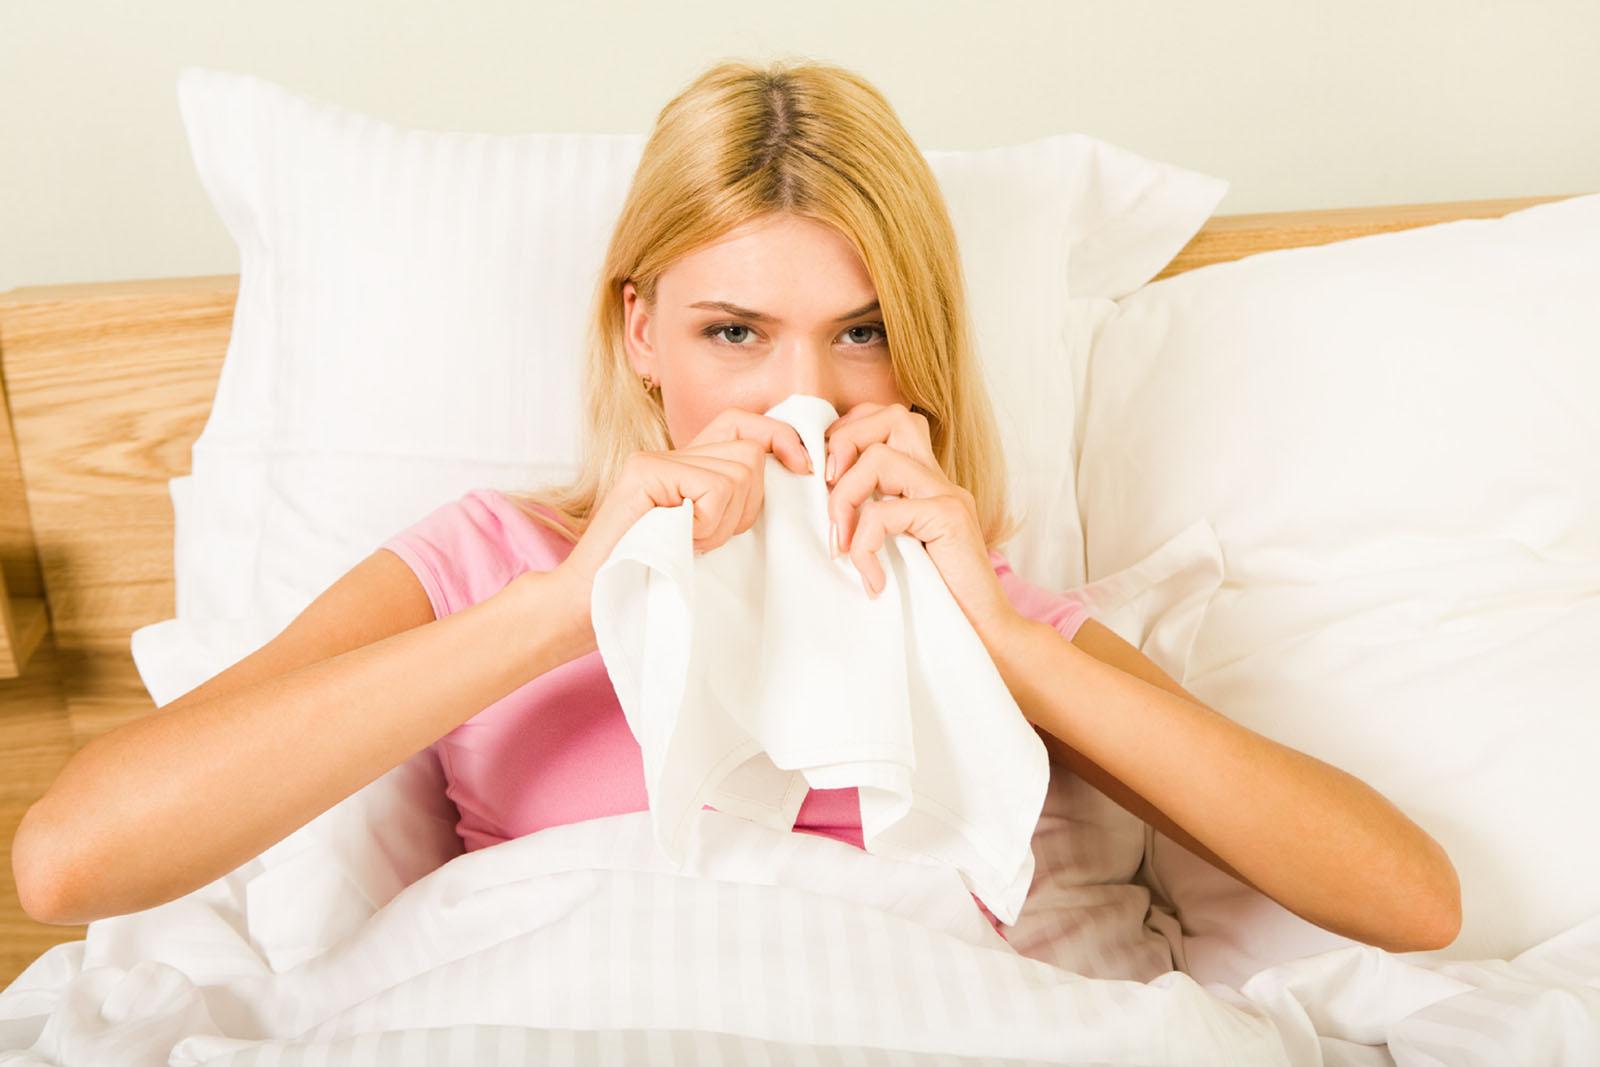 młoda dziewczyna ma katar bakteryjny i leży w łóżku z chusteczką przy nosie